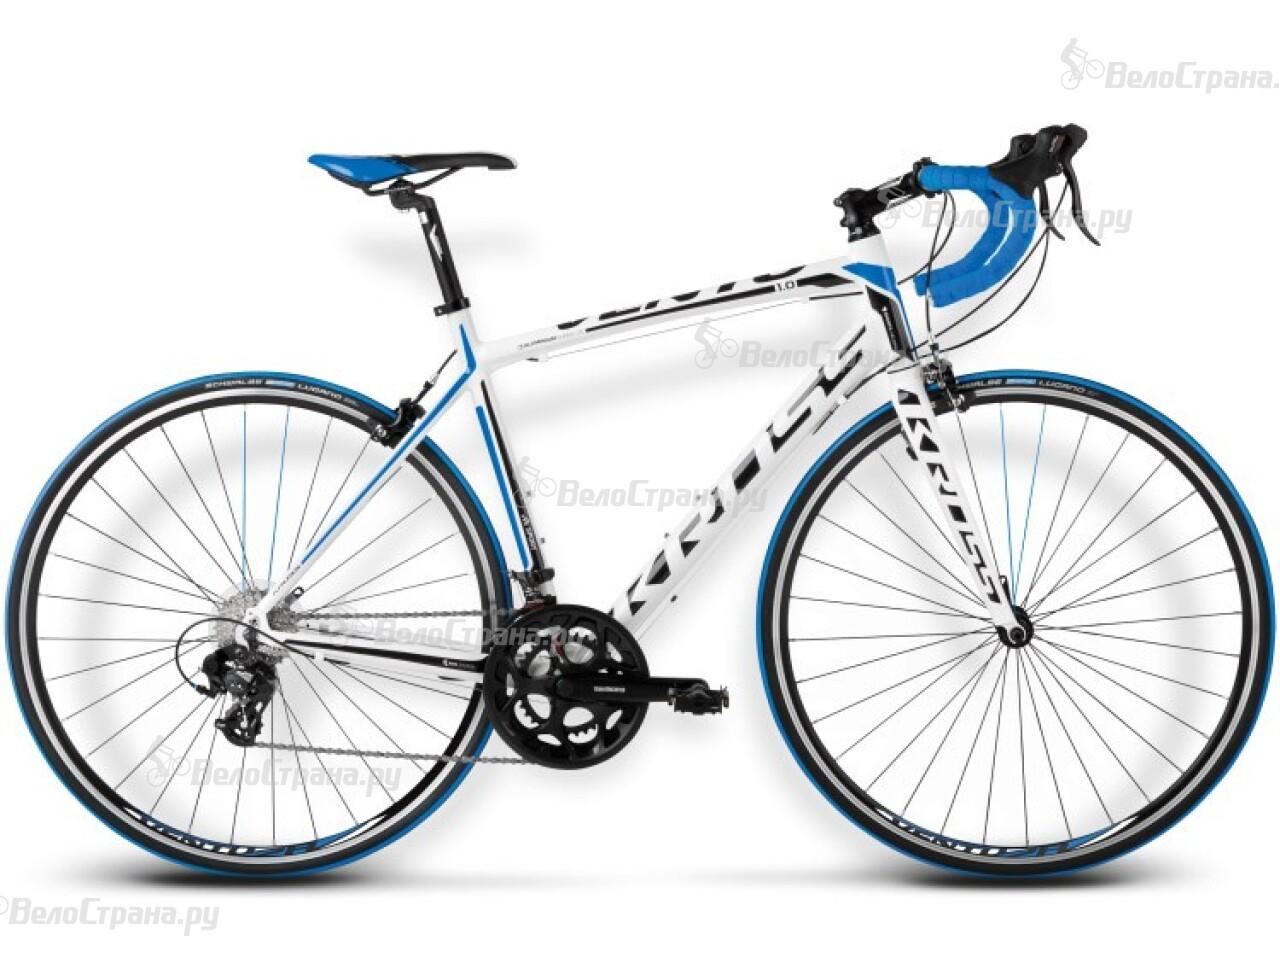 Велосипед Kross VENTO 1.0 (2015) цена и фото